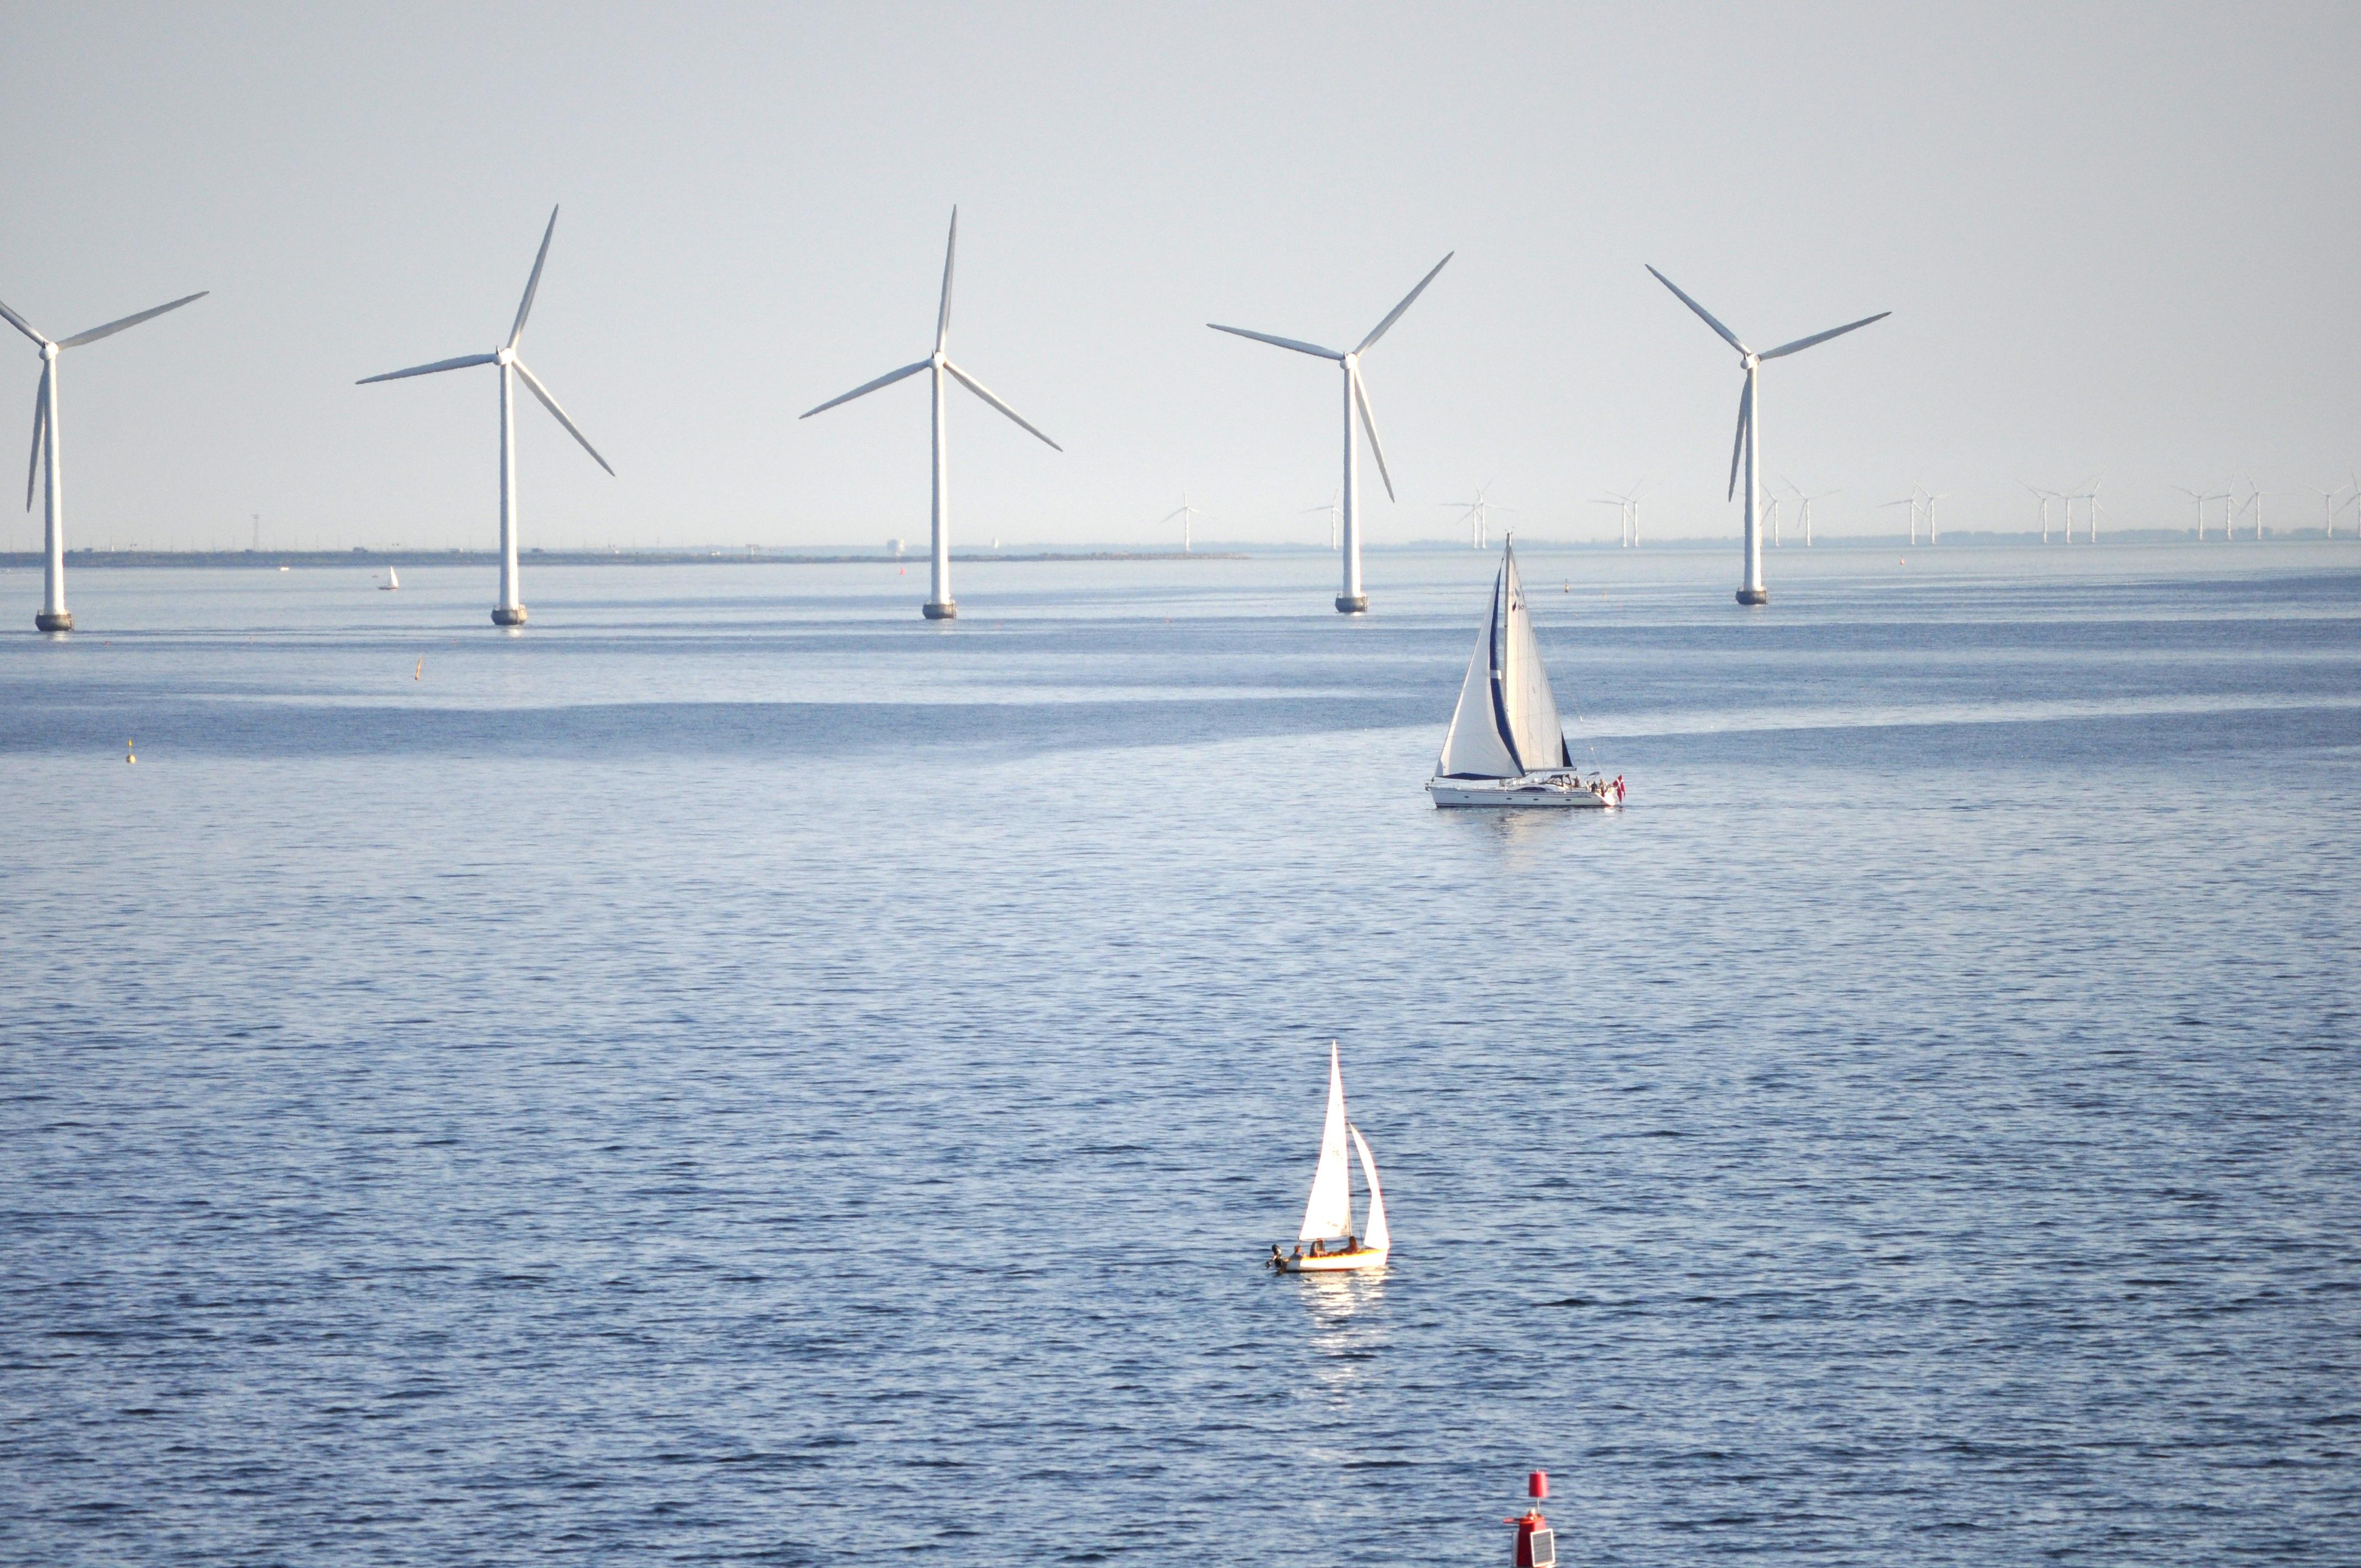 Eoliennes en mer, leur effet sur l'écosystème est étudié par Ecofunc - Bhart9070_Pixabay